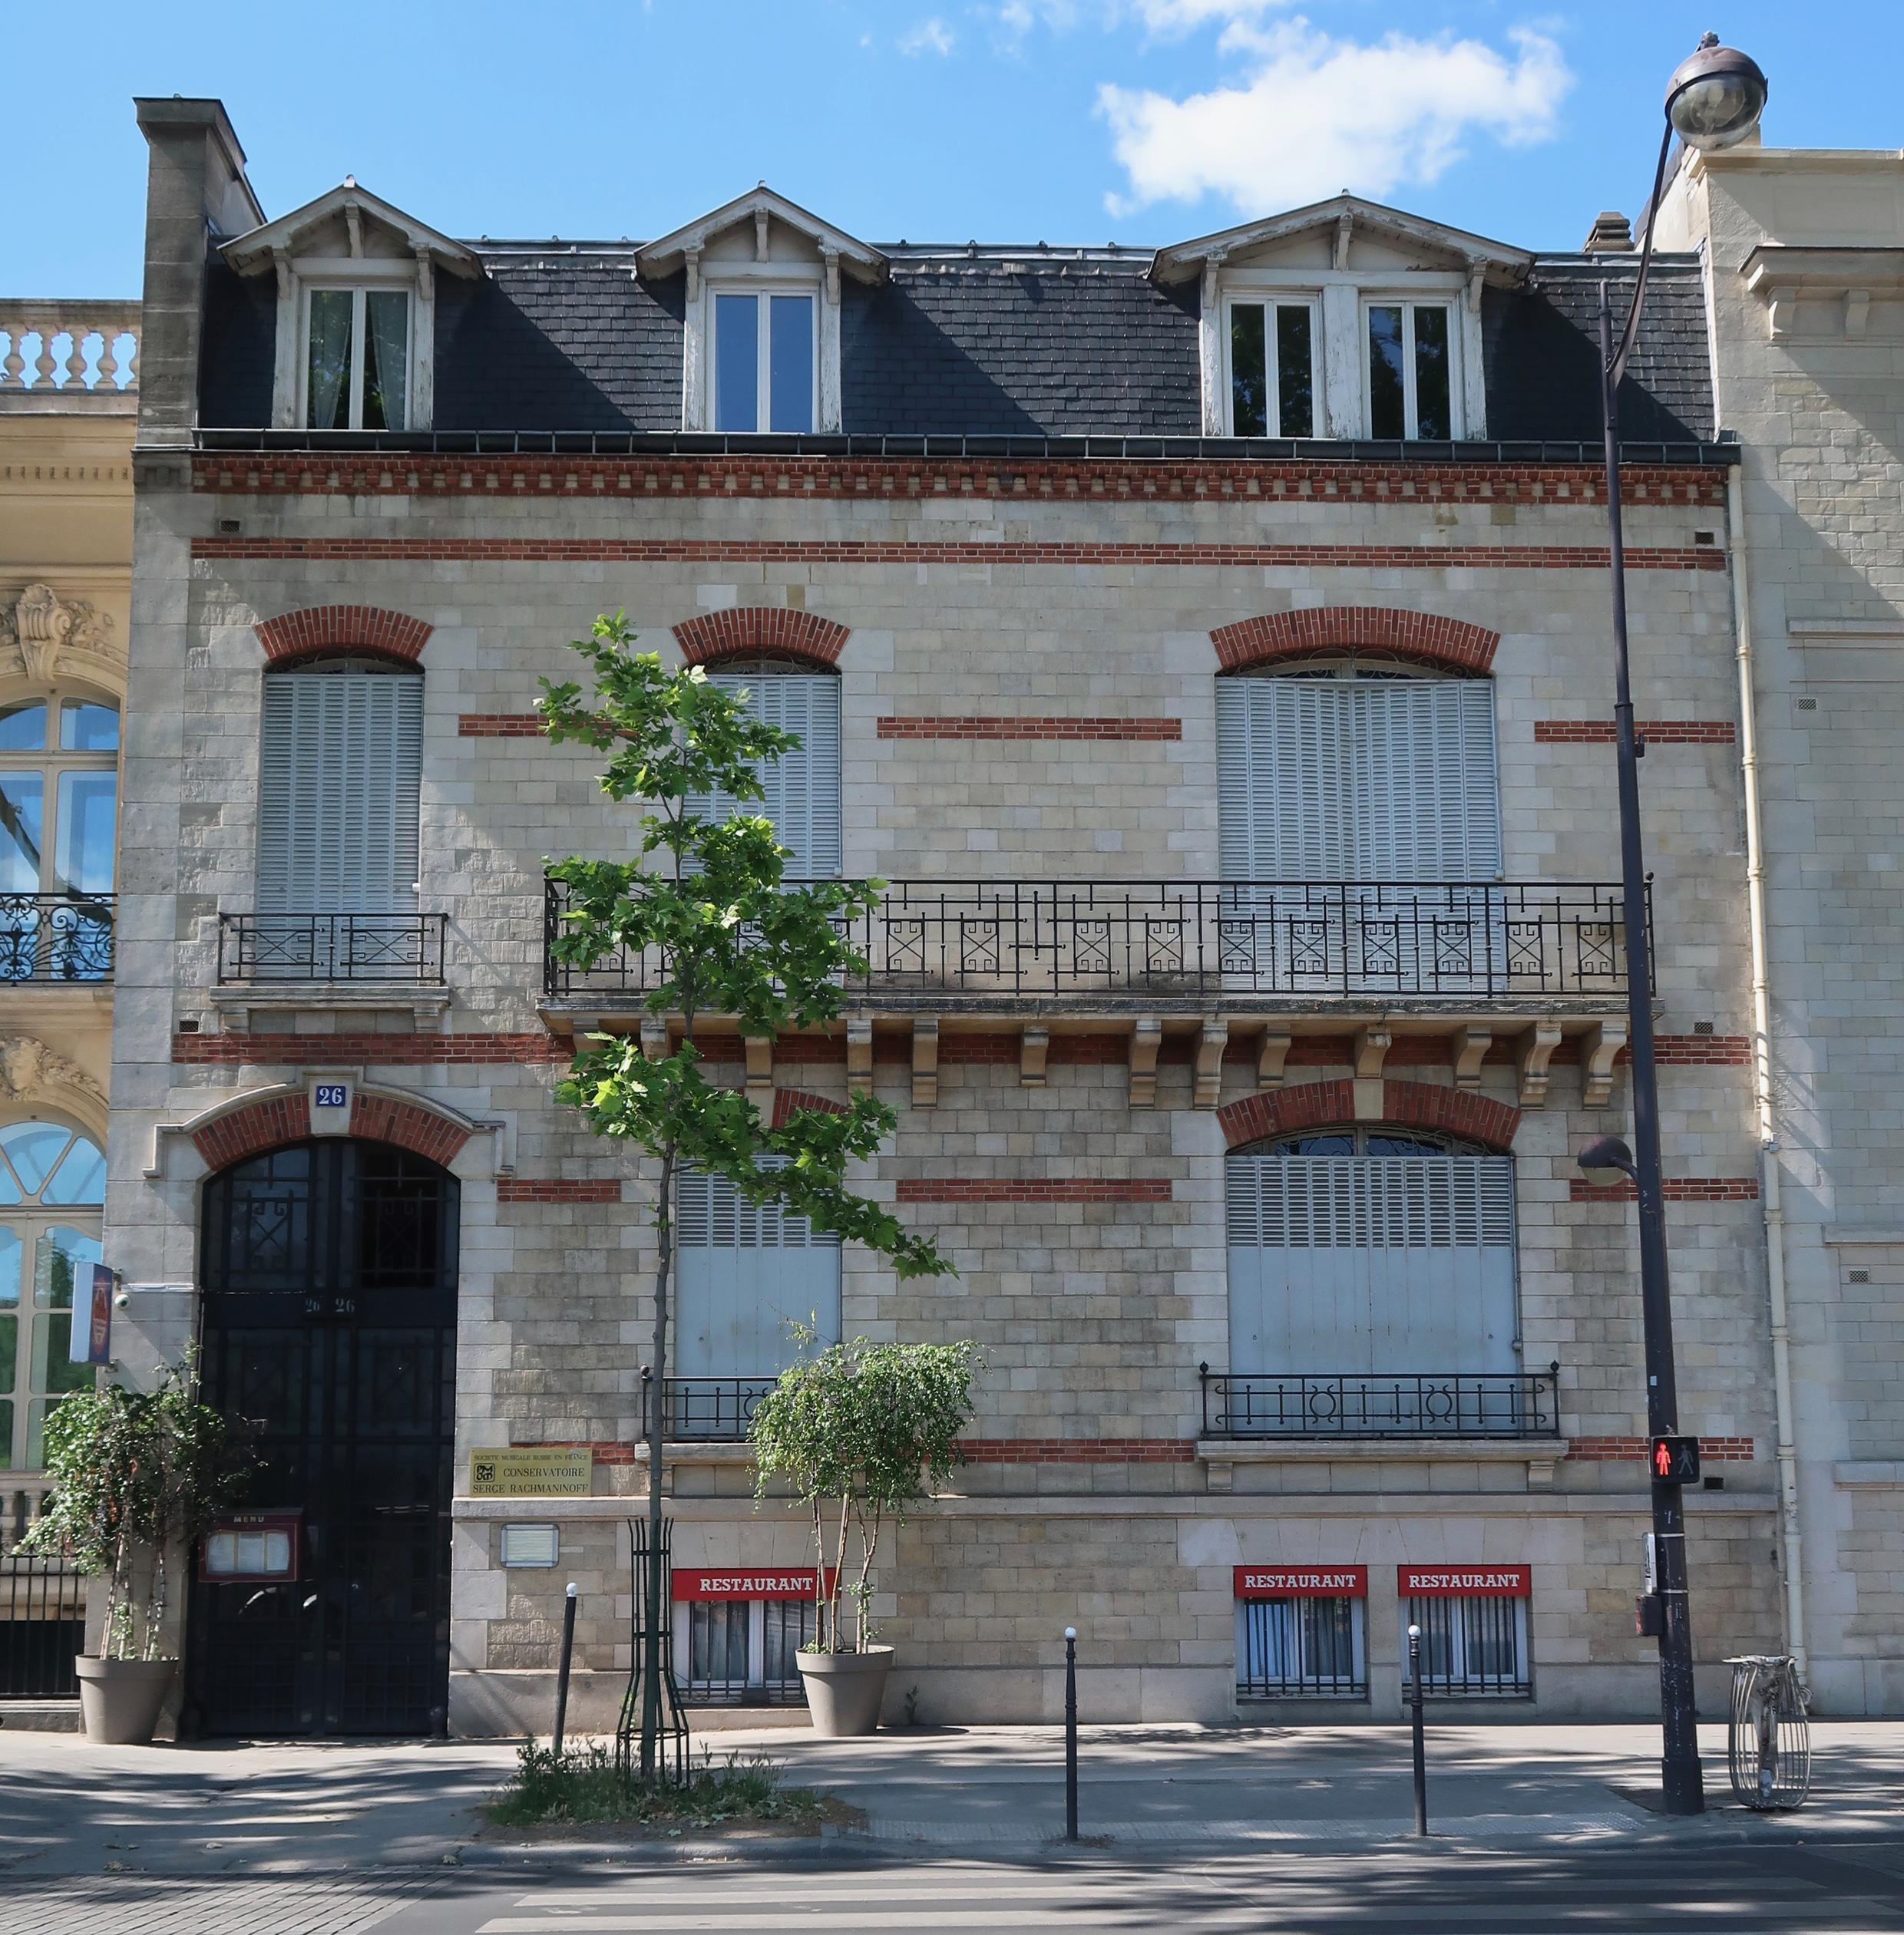 Здание, в котором с 1932 г. располагается русская консерватория имени Рахманинова в Париже